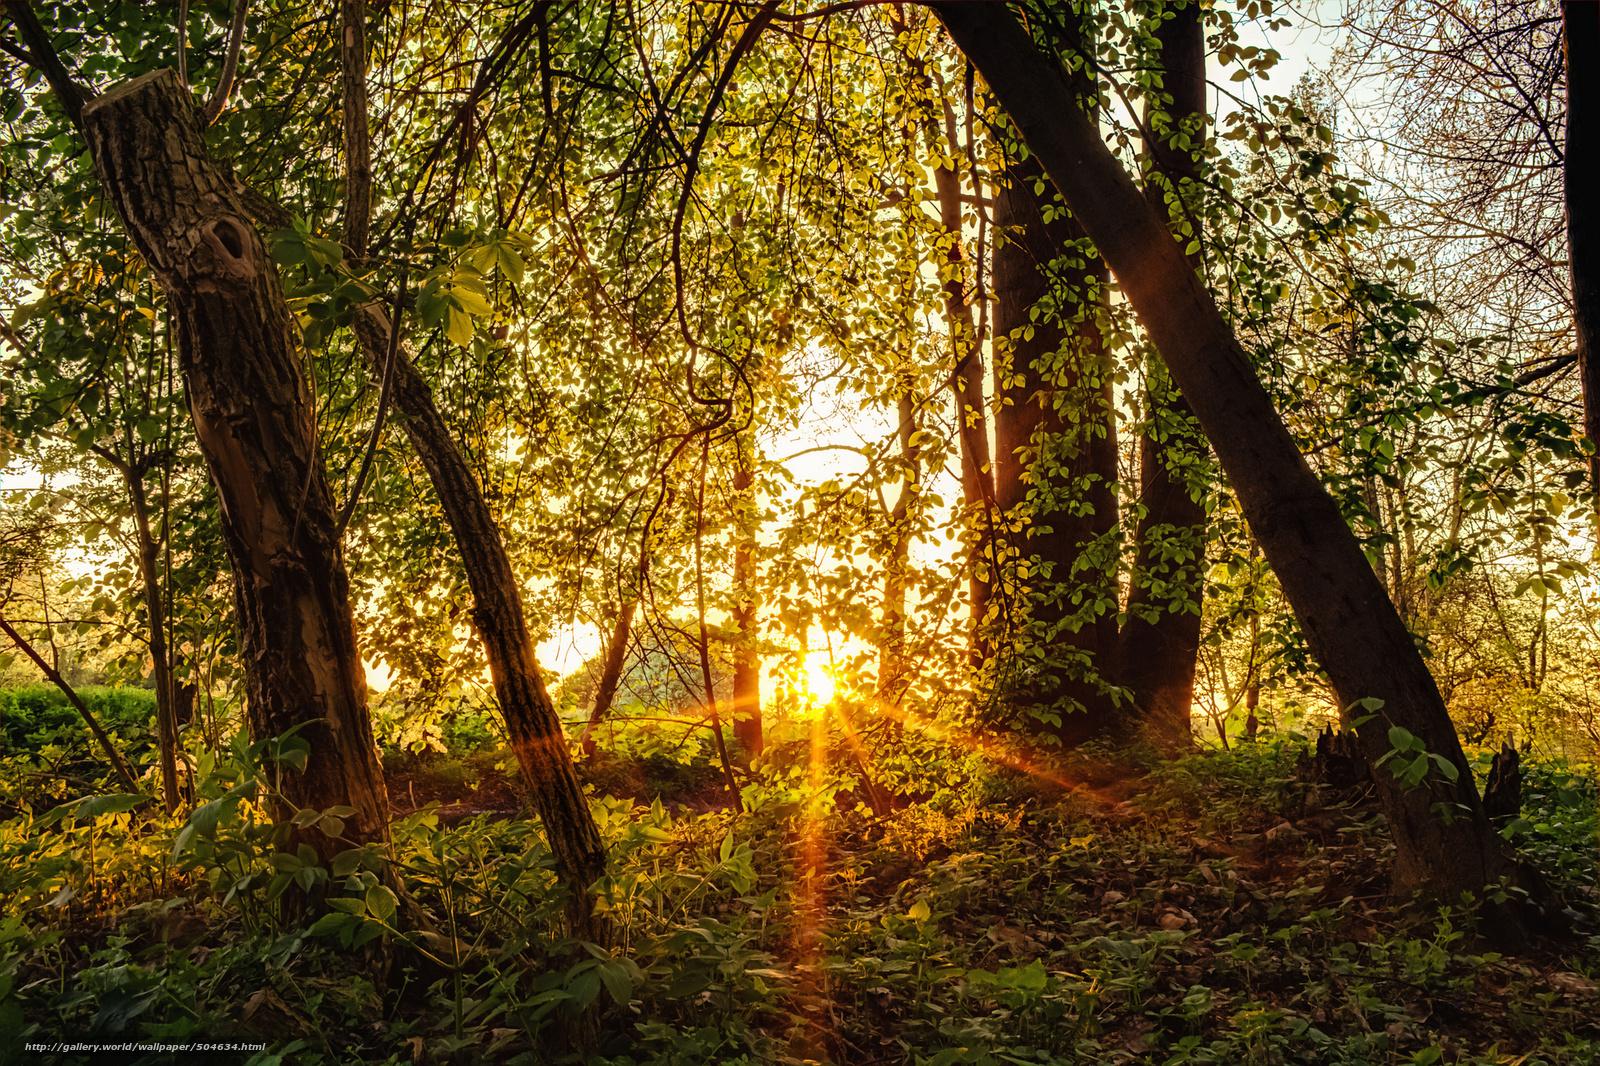 Скачать обои лес деревья солнце лучи